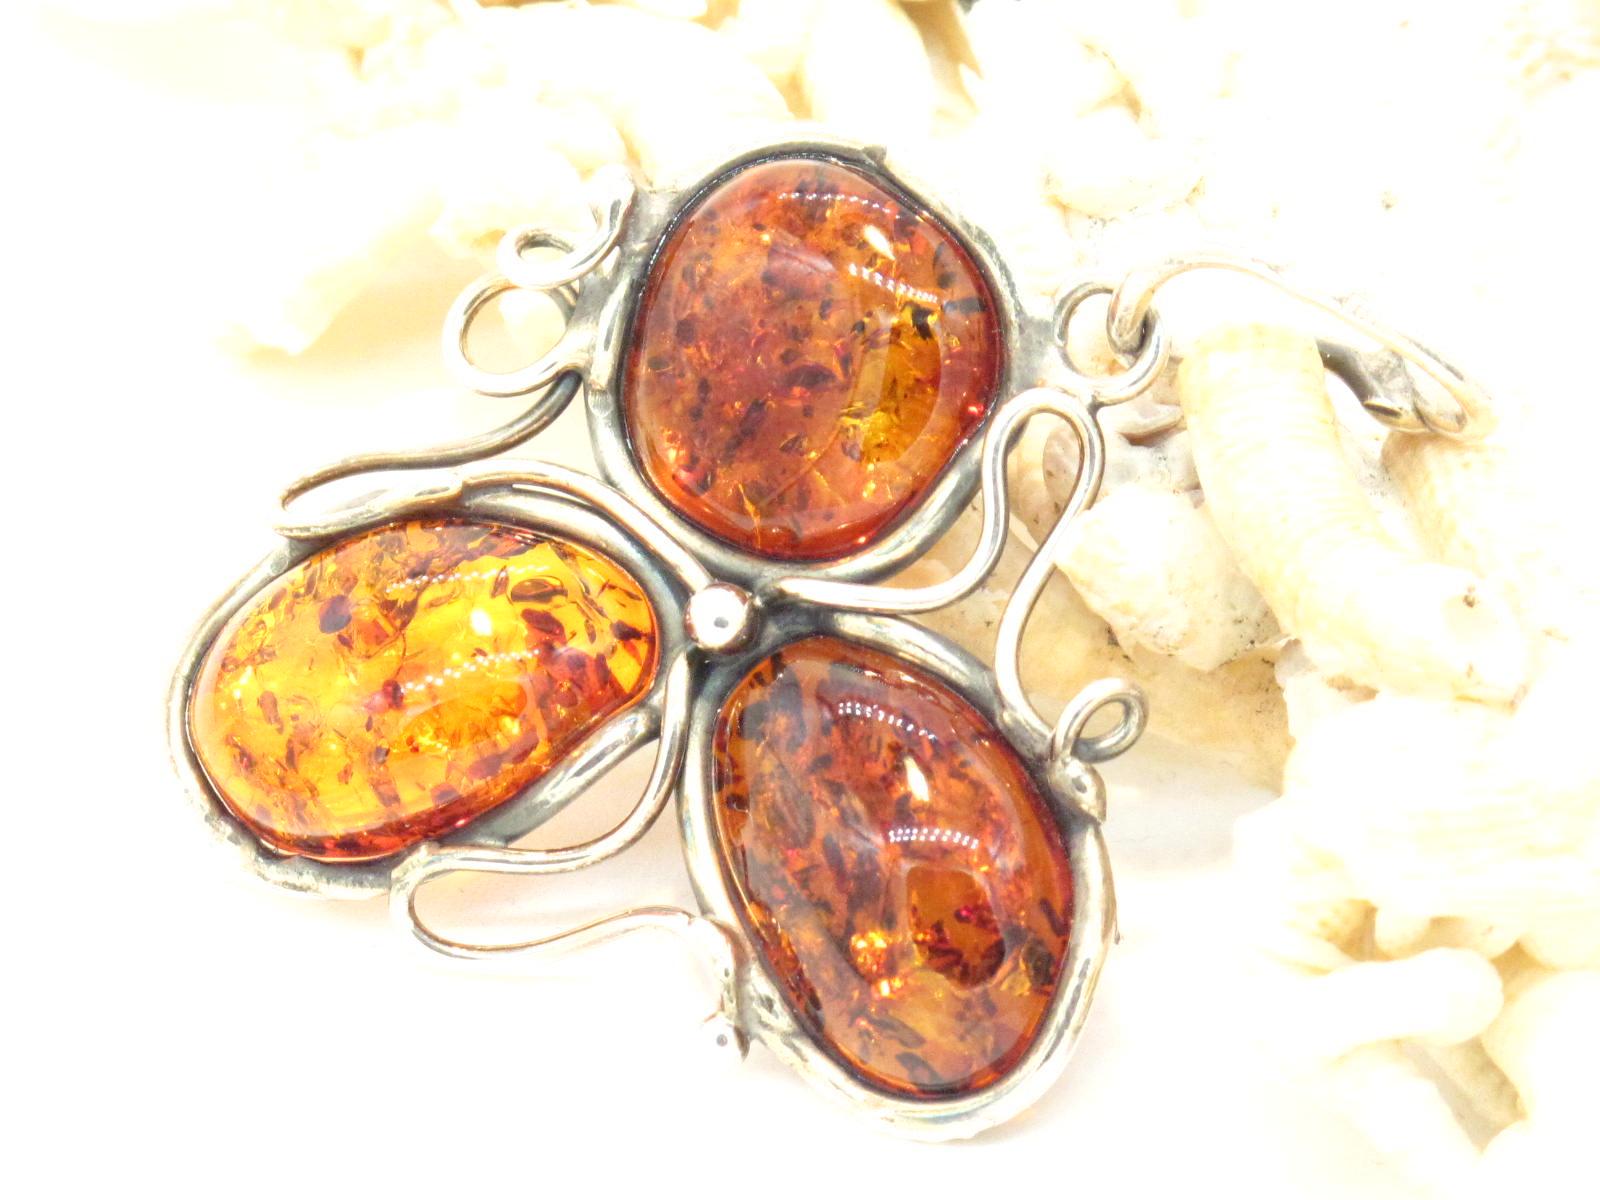 pendente in argento e ambre baltiche